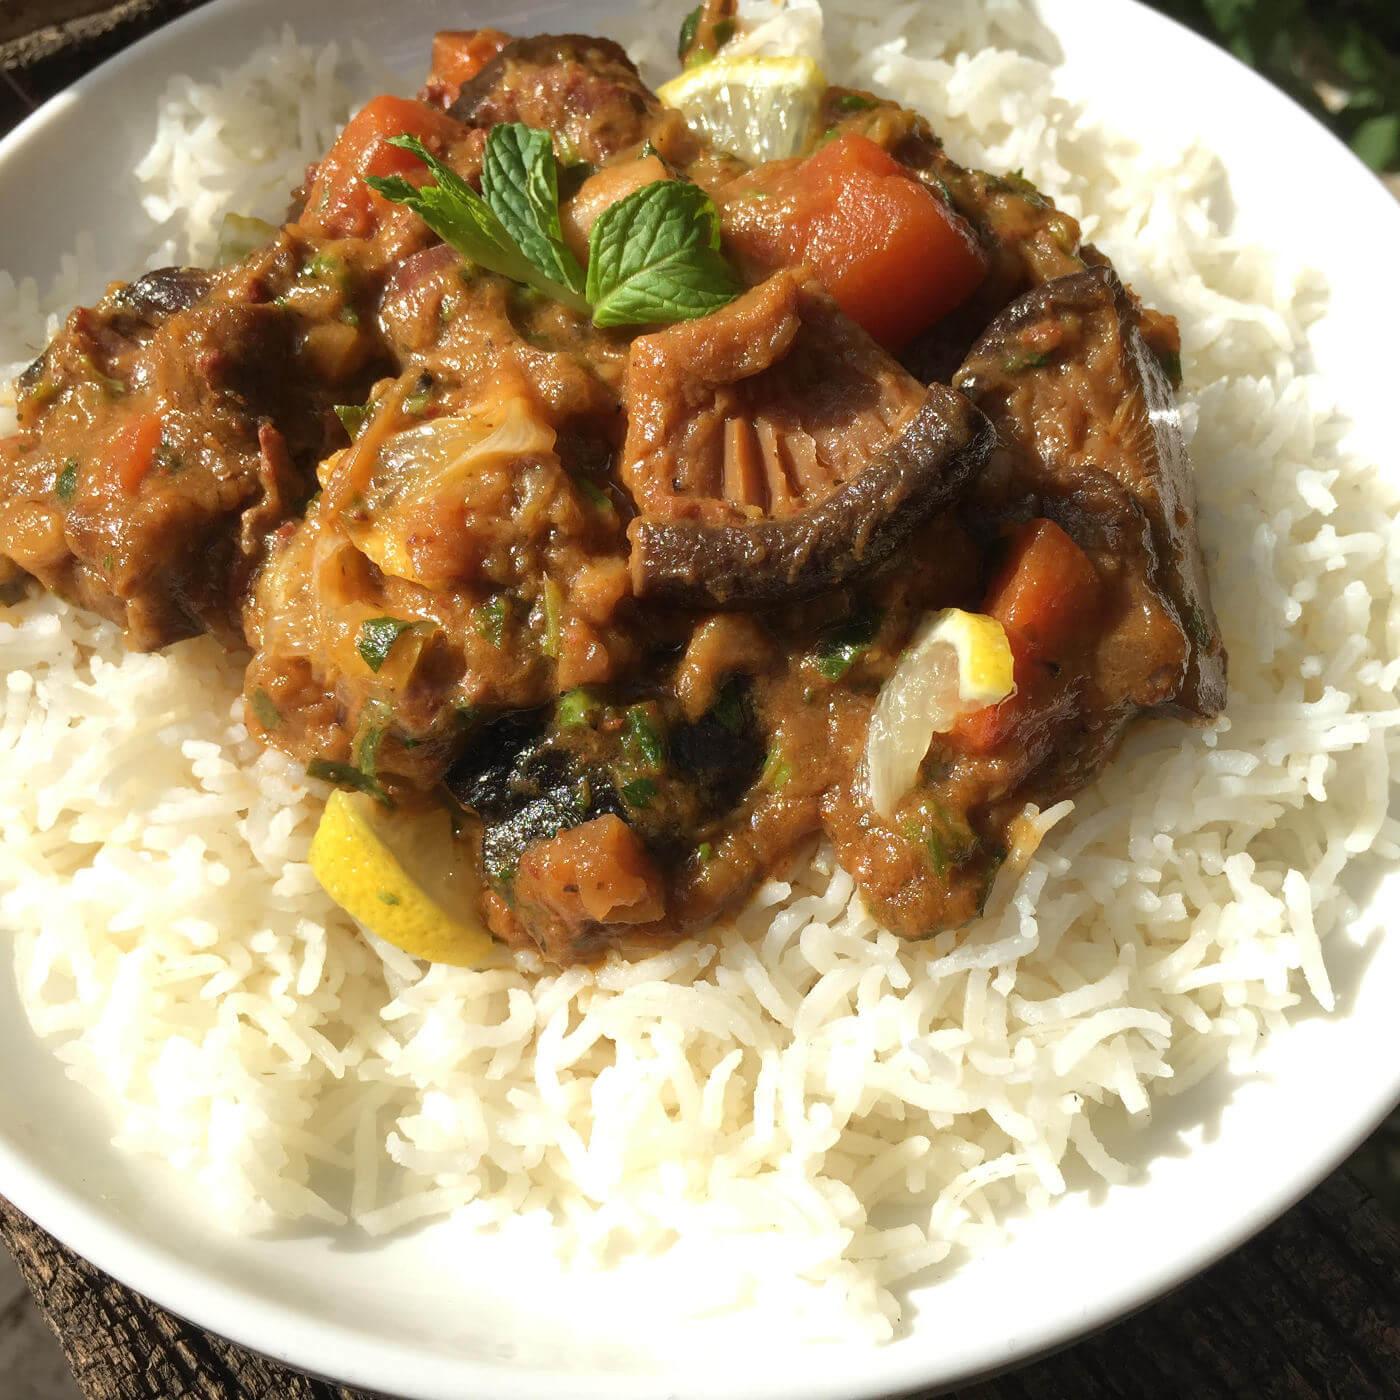 תבשיל בשר עם פטריות שיטאקי